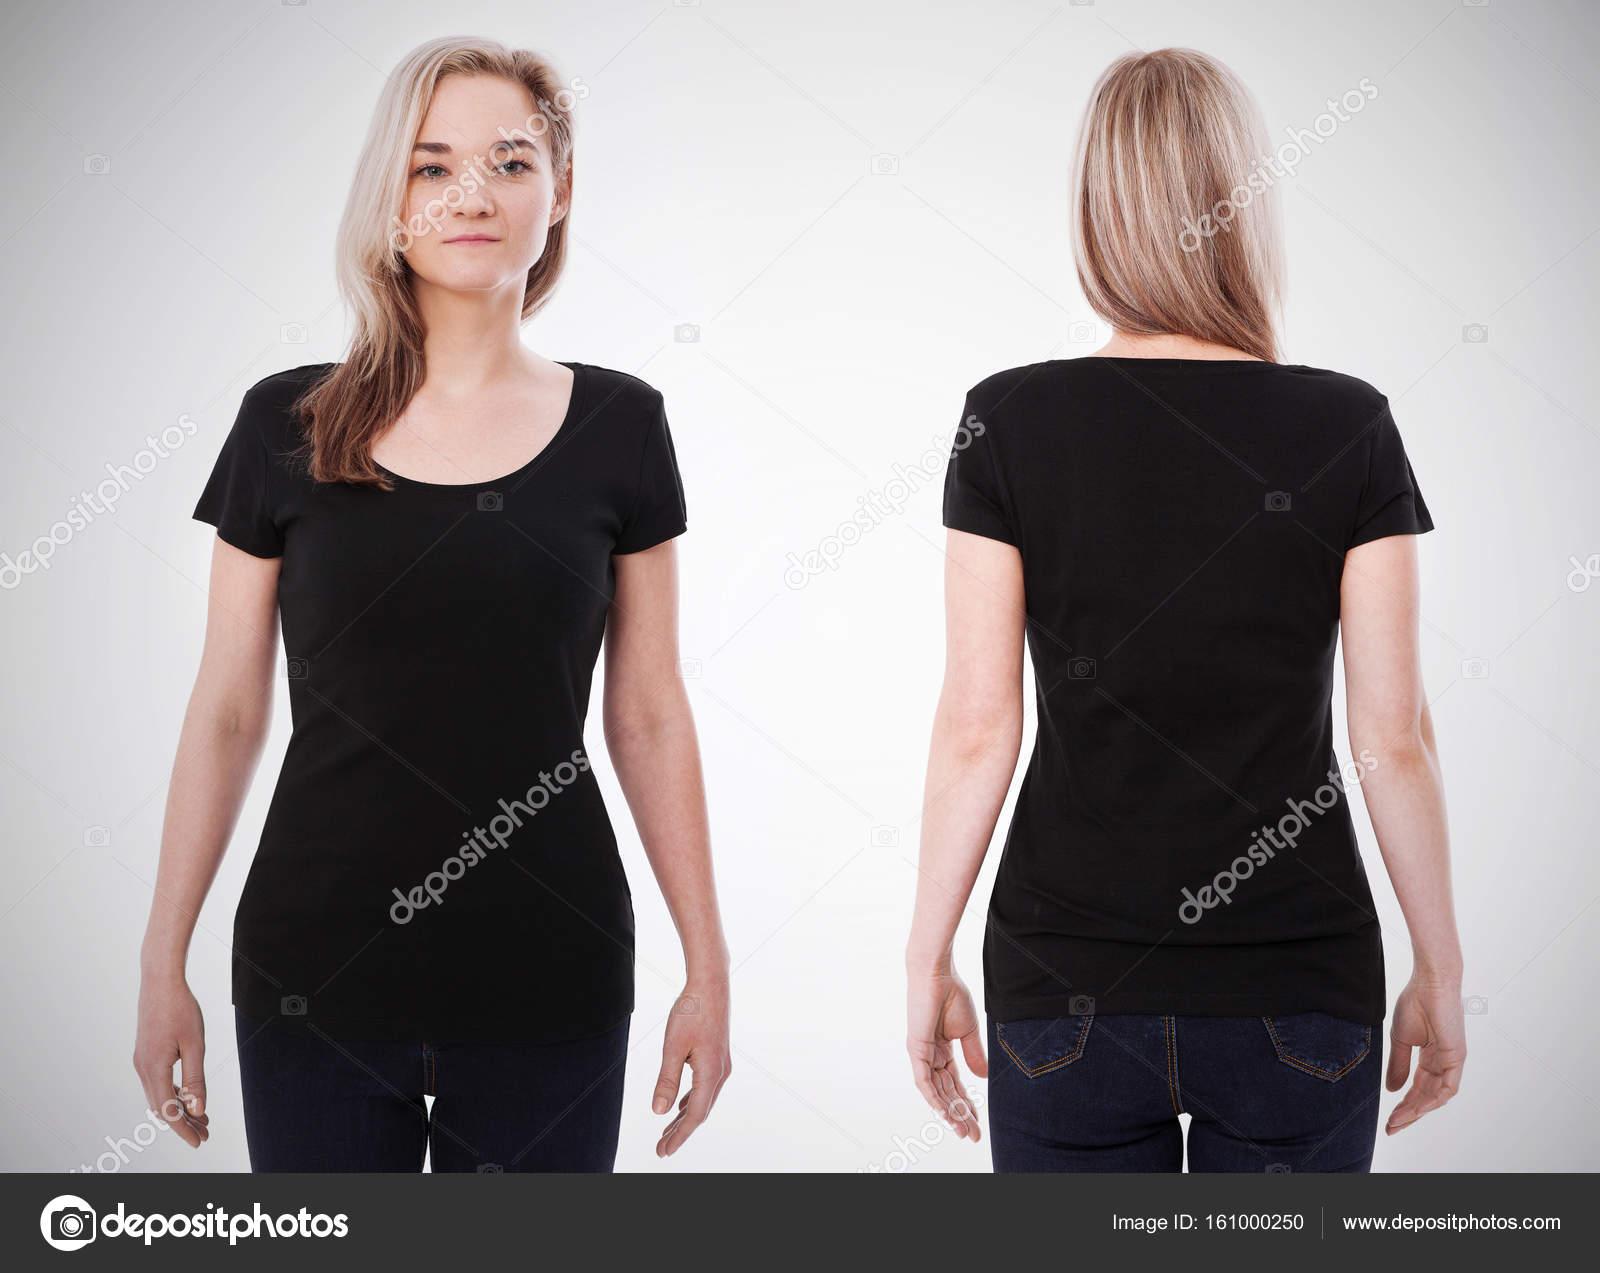 Camiseta De Diseño Cerca Concepto En Joven Personas Mujer PiOkZuTX